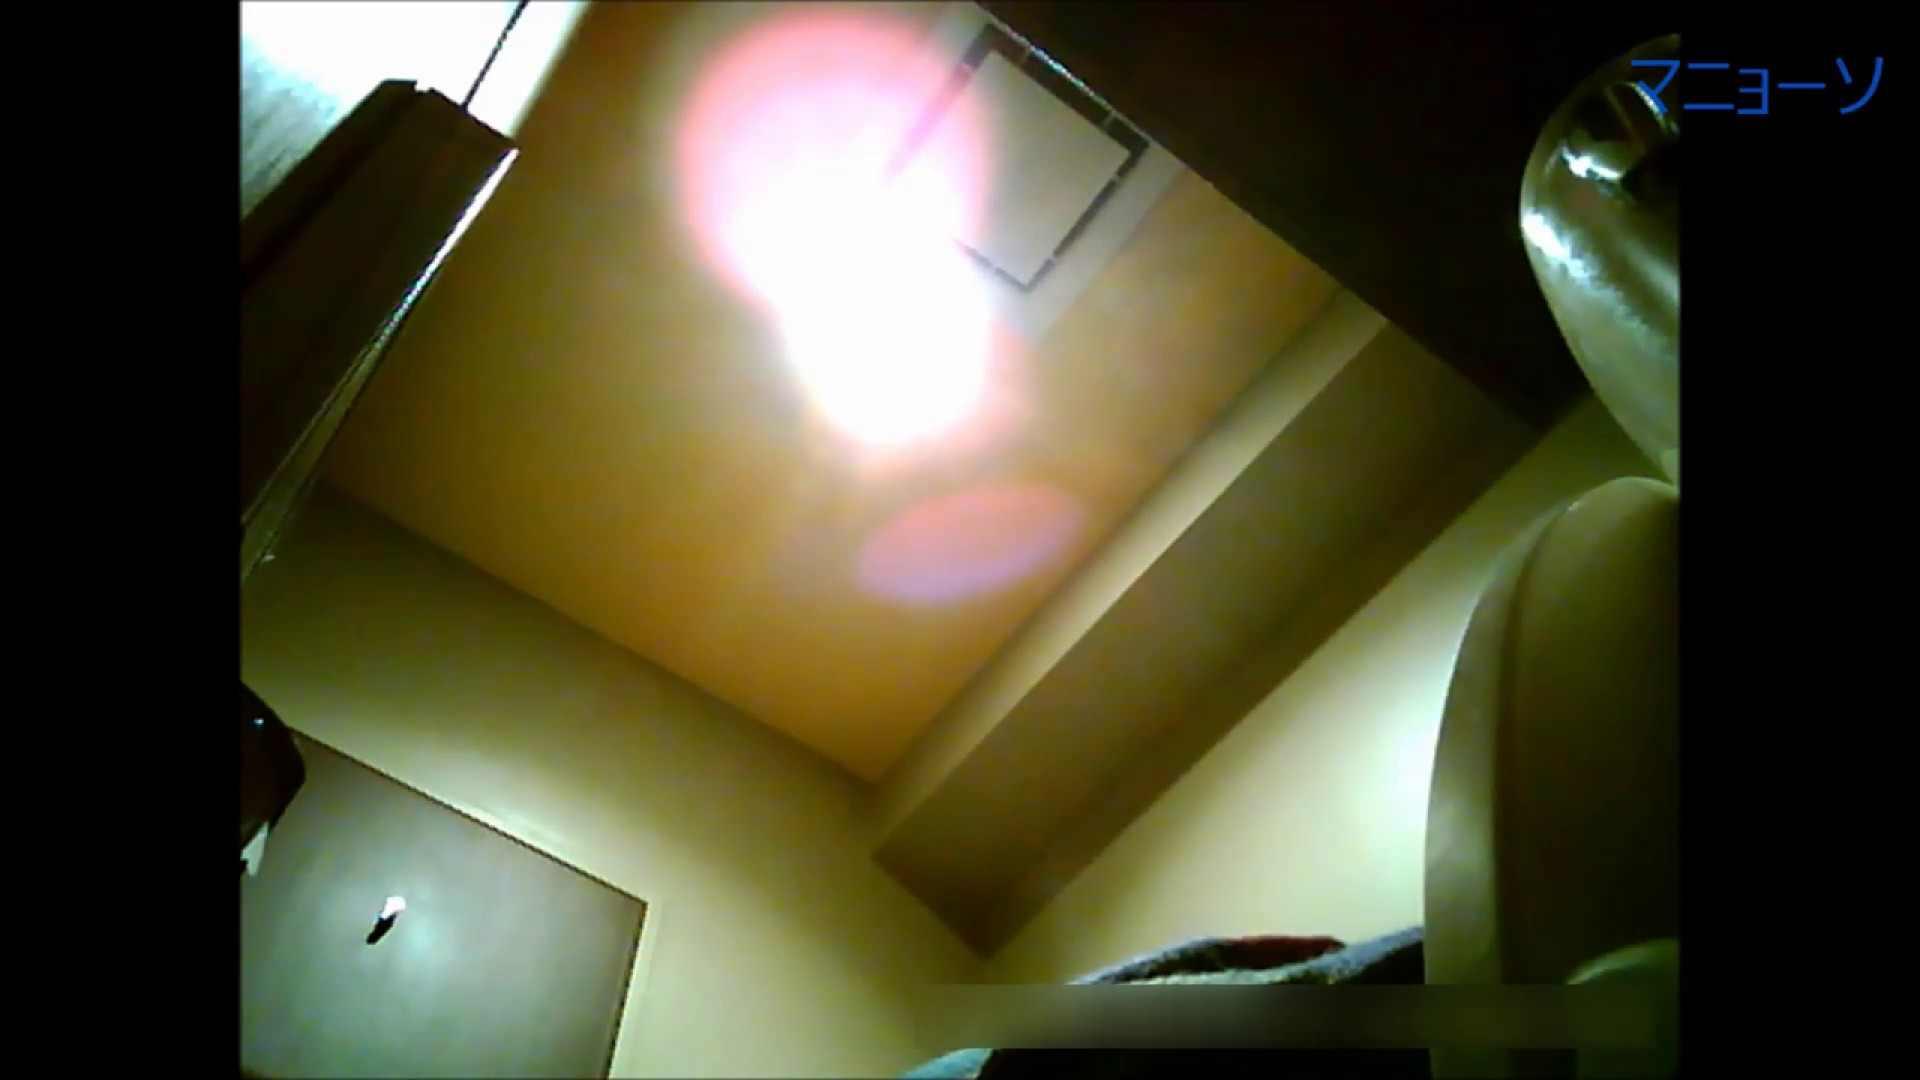 トイレでひと肌脱いでもらいました (JD編)Vol.02 丸見え AV無料動画キャプチャ 83画像 30